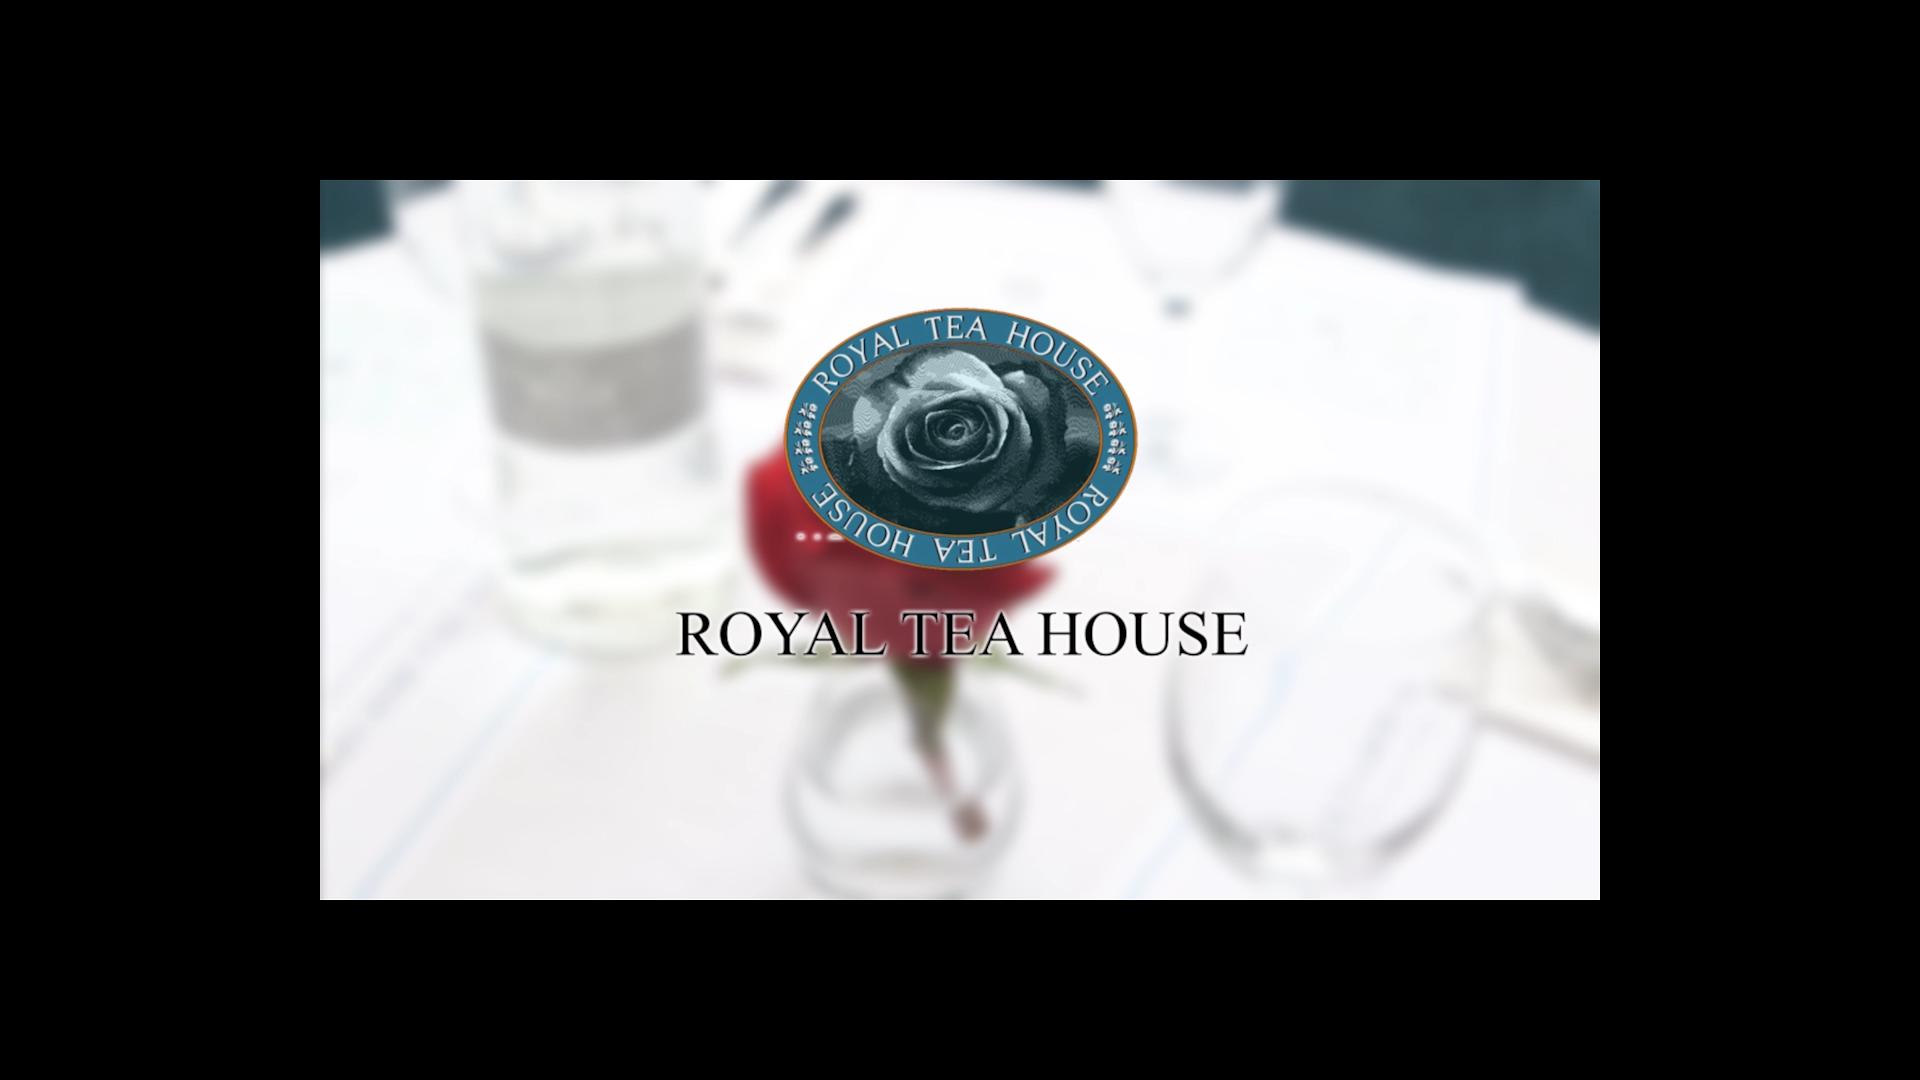 【视频】ROYAL TEA HOUSE 长岛大颈新张剪彩仪式